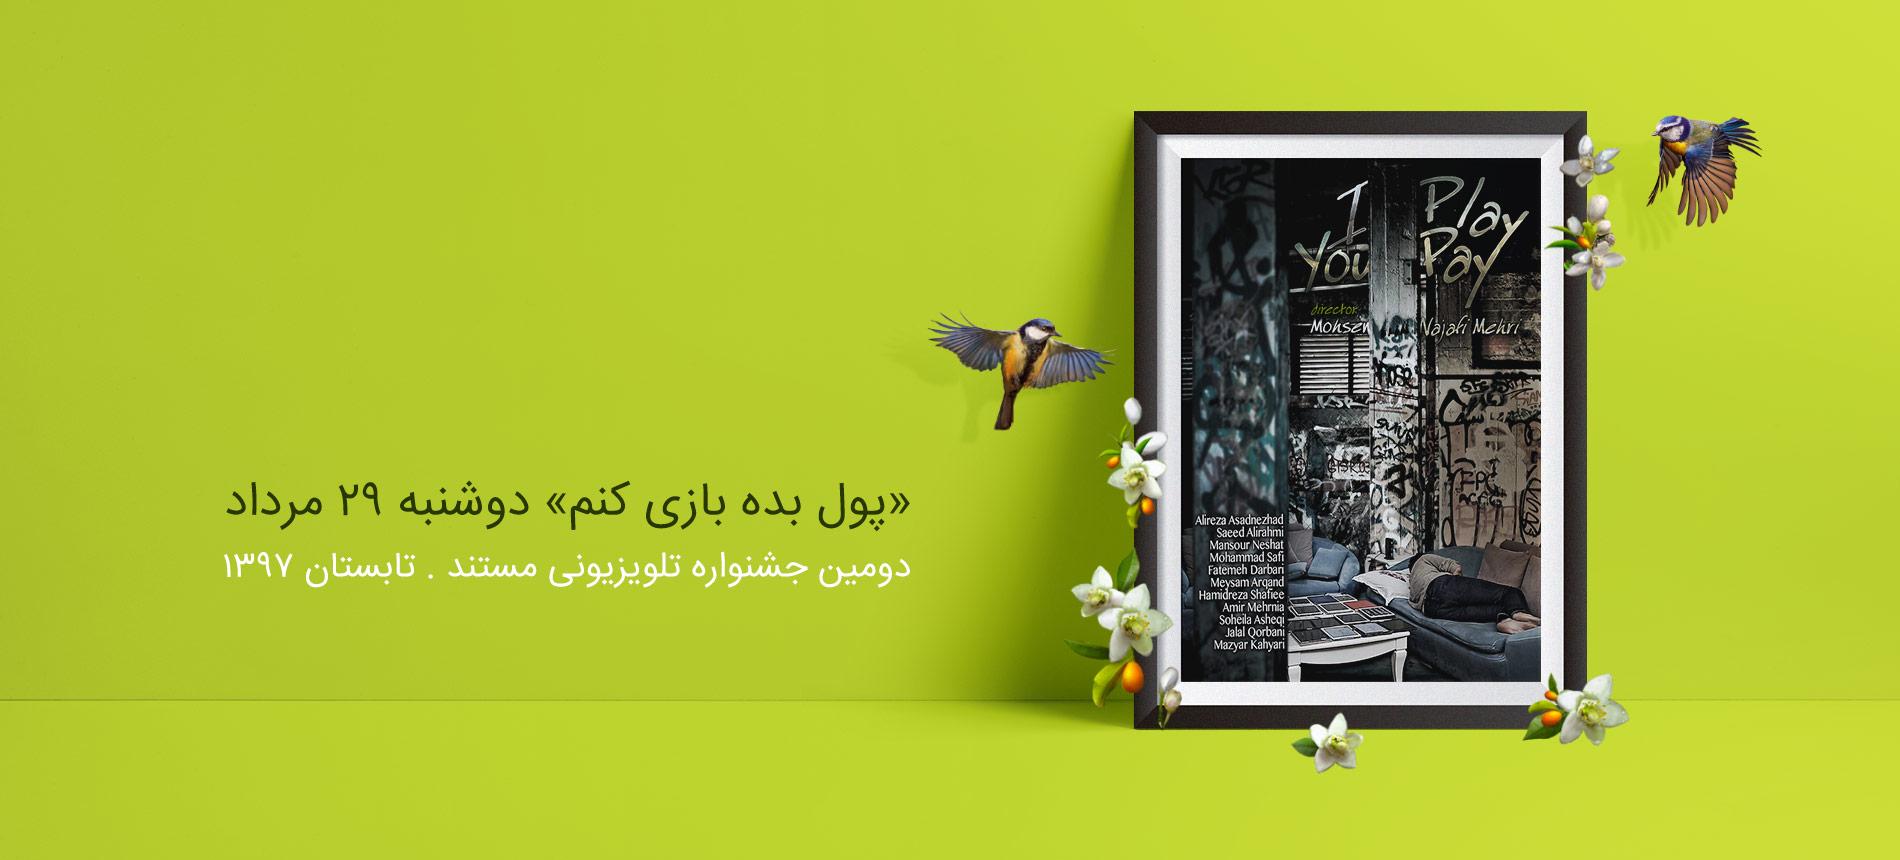 پشت پرده بازی کلش آف کلنز در «پول بده بازی کنم» به روایت «محسن نجفی مهری»